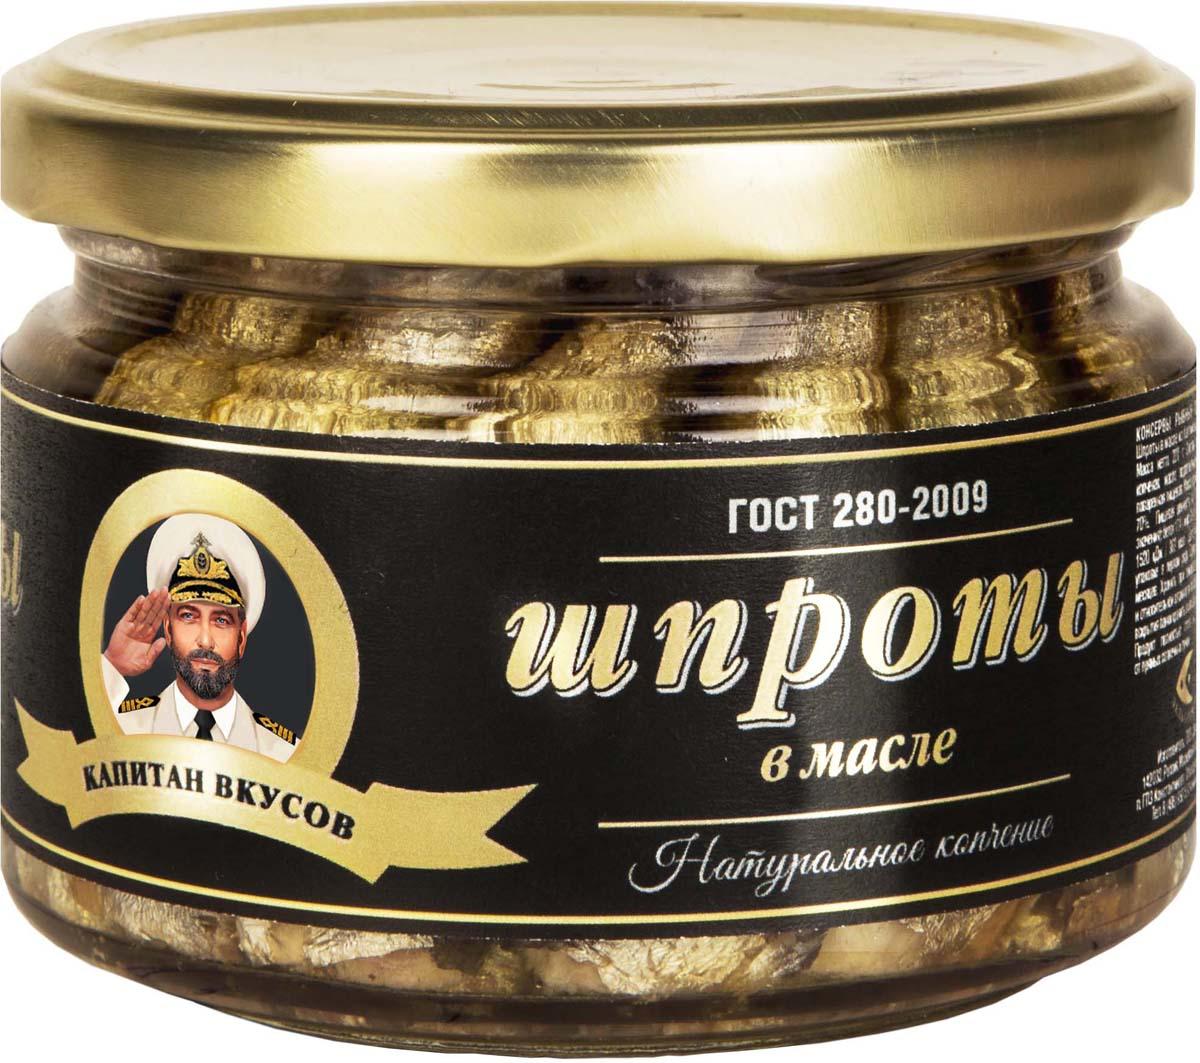 Капитан вкусов Шпроты в масле, 220 г шпроты в масле vzkk ео ключ 160г